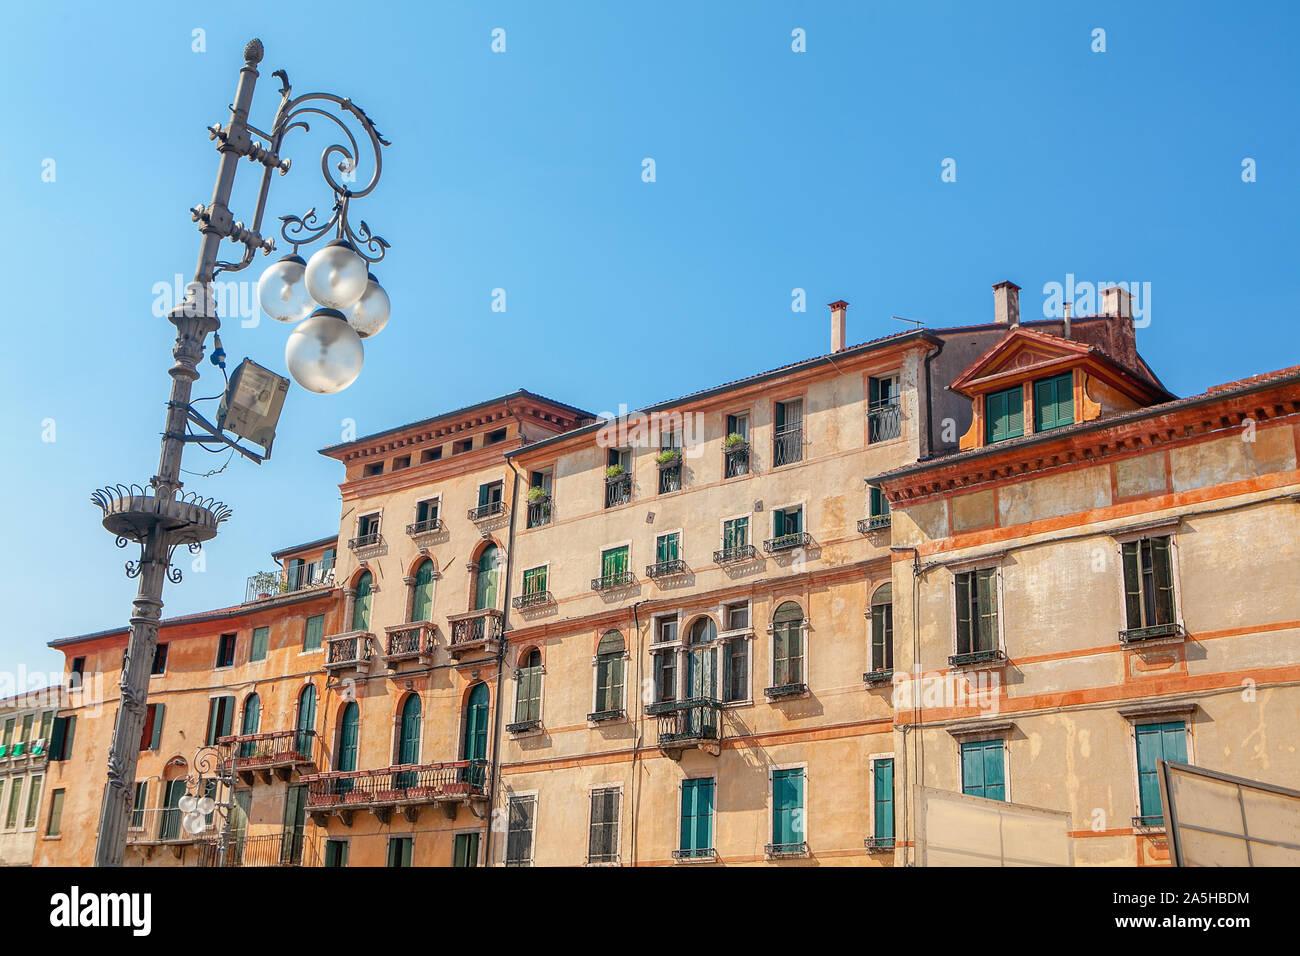 Architetto Bassano Del Grappa bassano del grappa libertà square immagini & bassano del